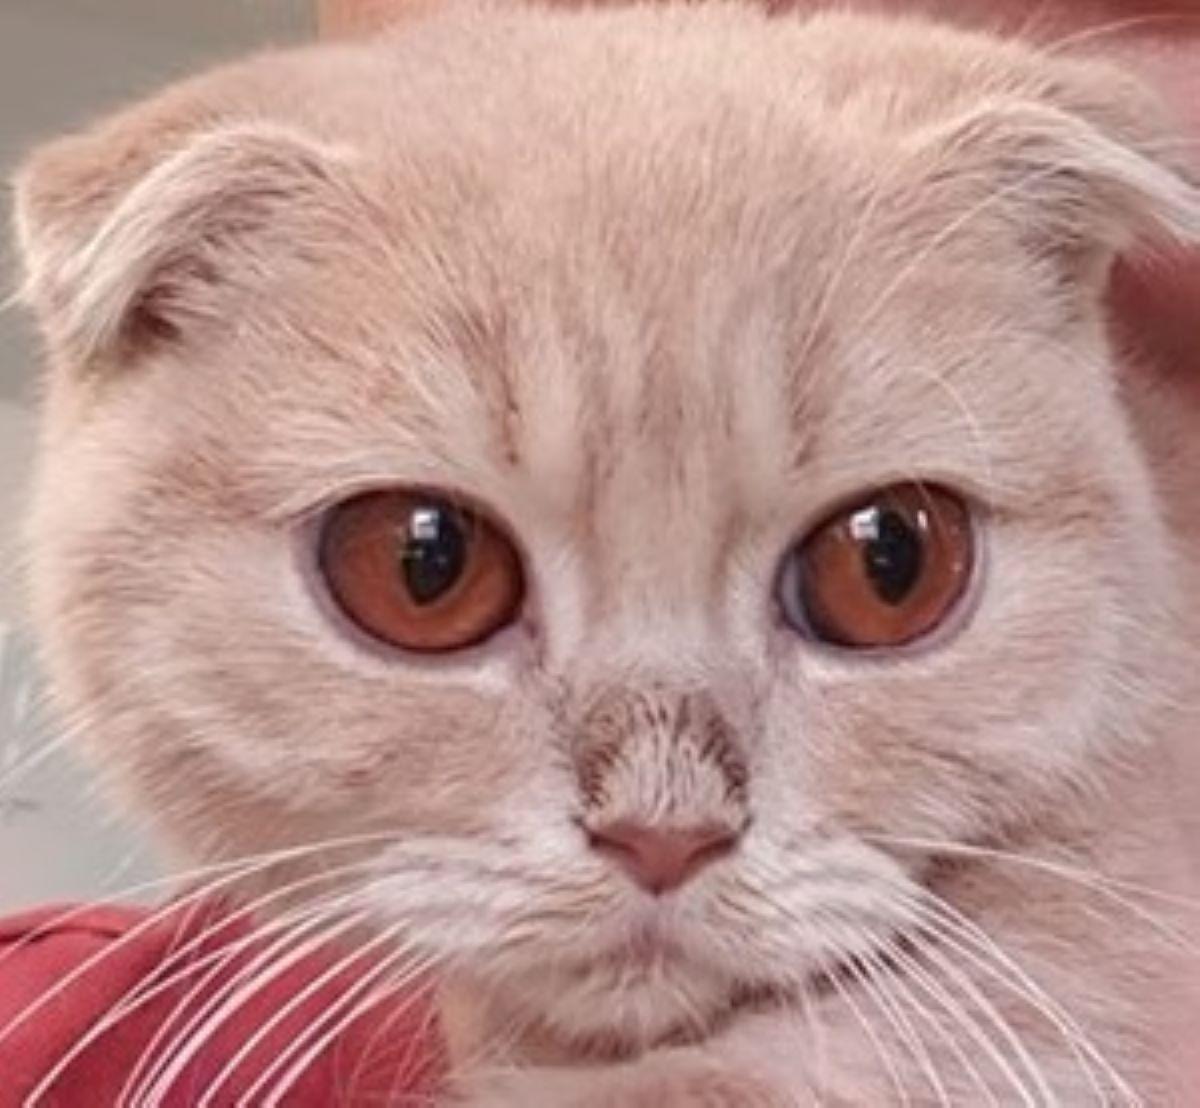 gatto-con-occhi-molto-grandi